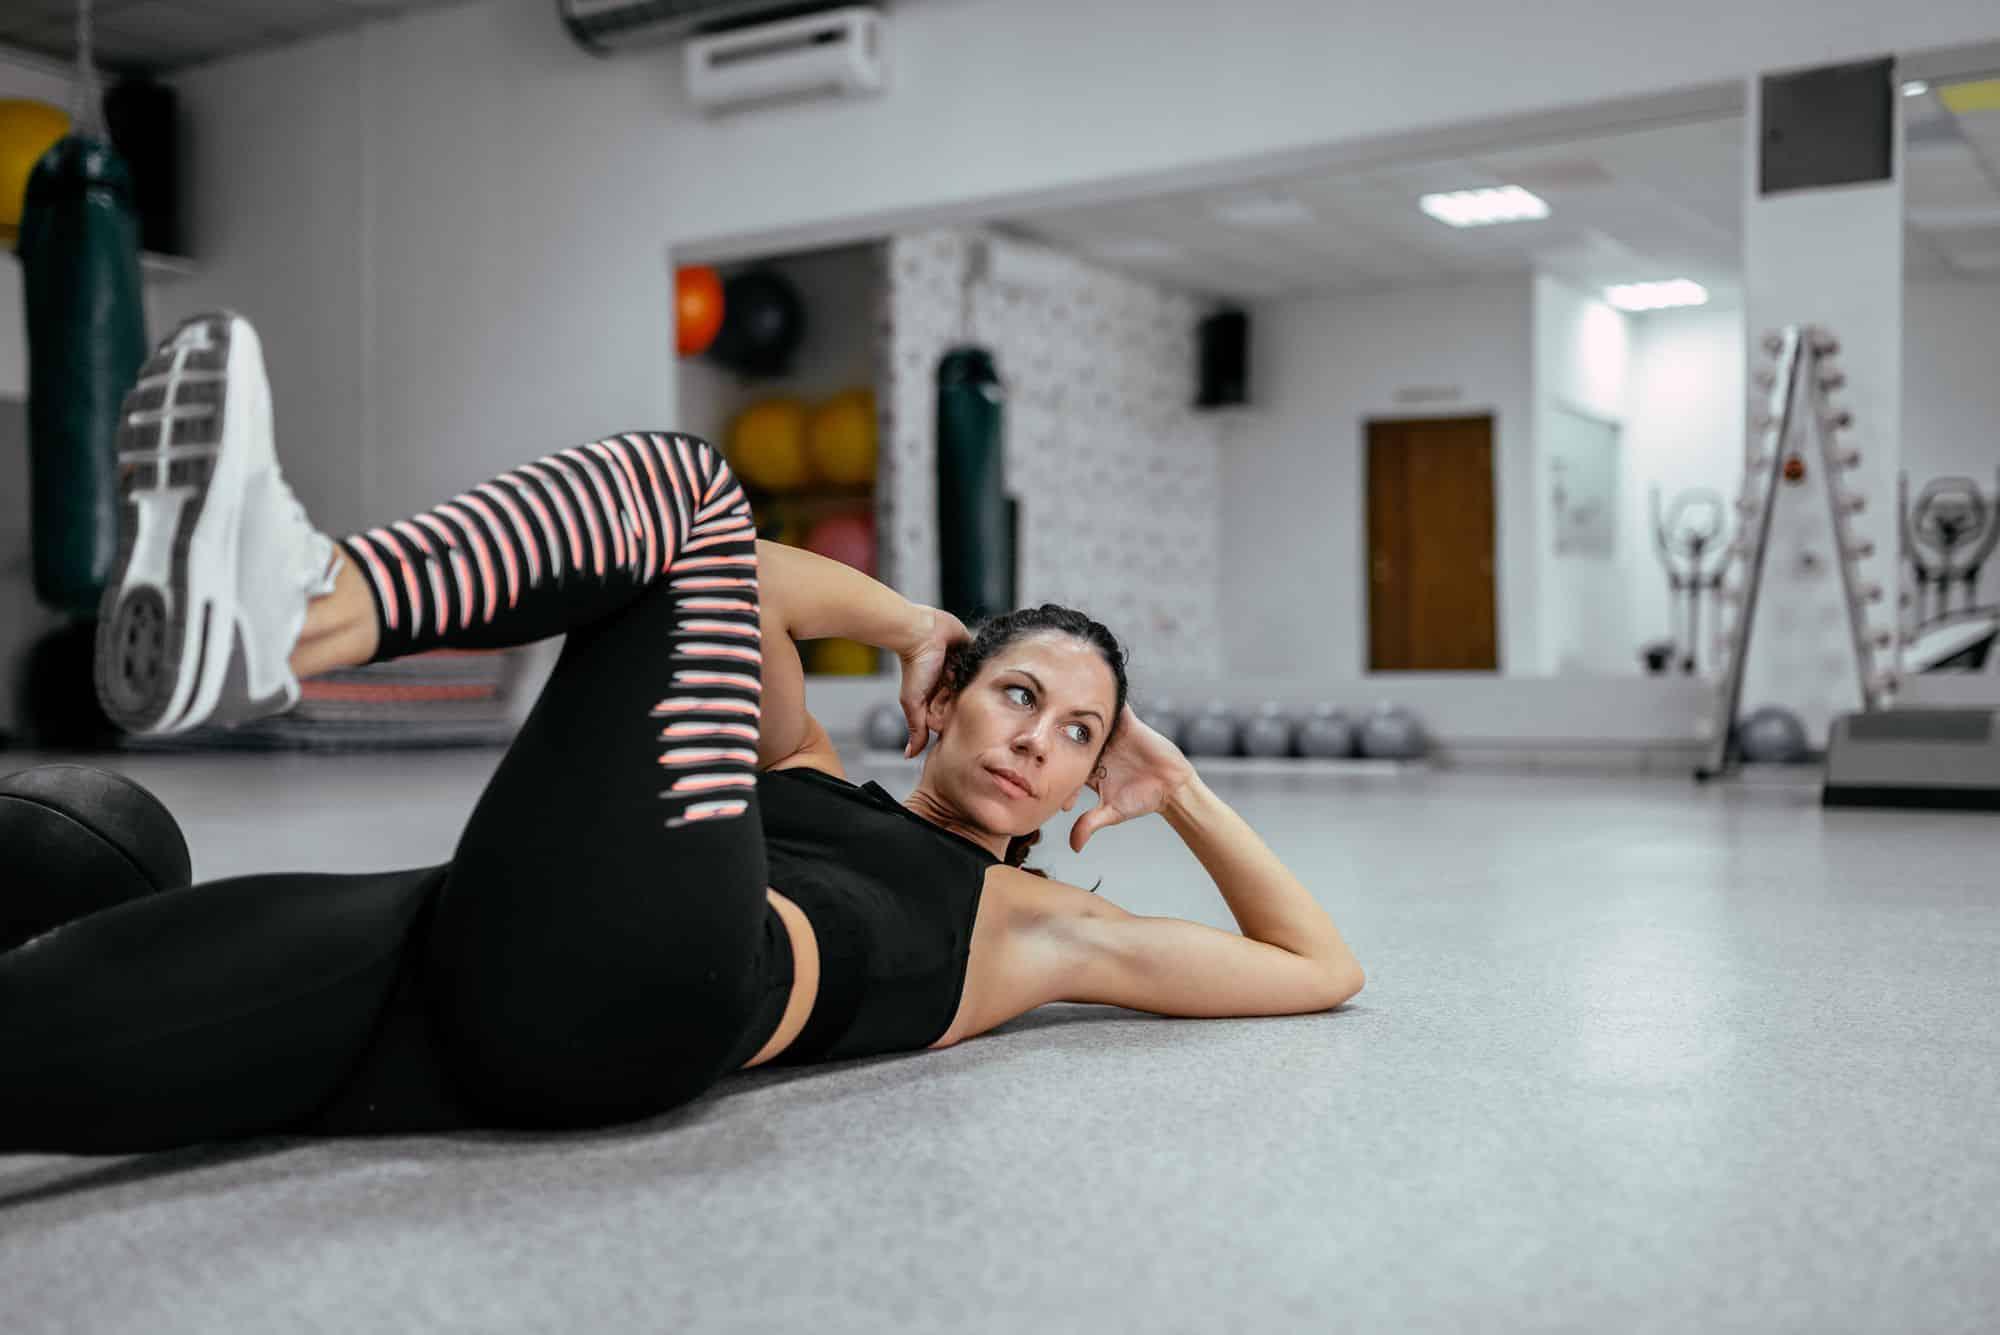 7 dicas para evitar lesões na academia